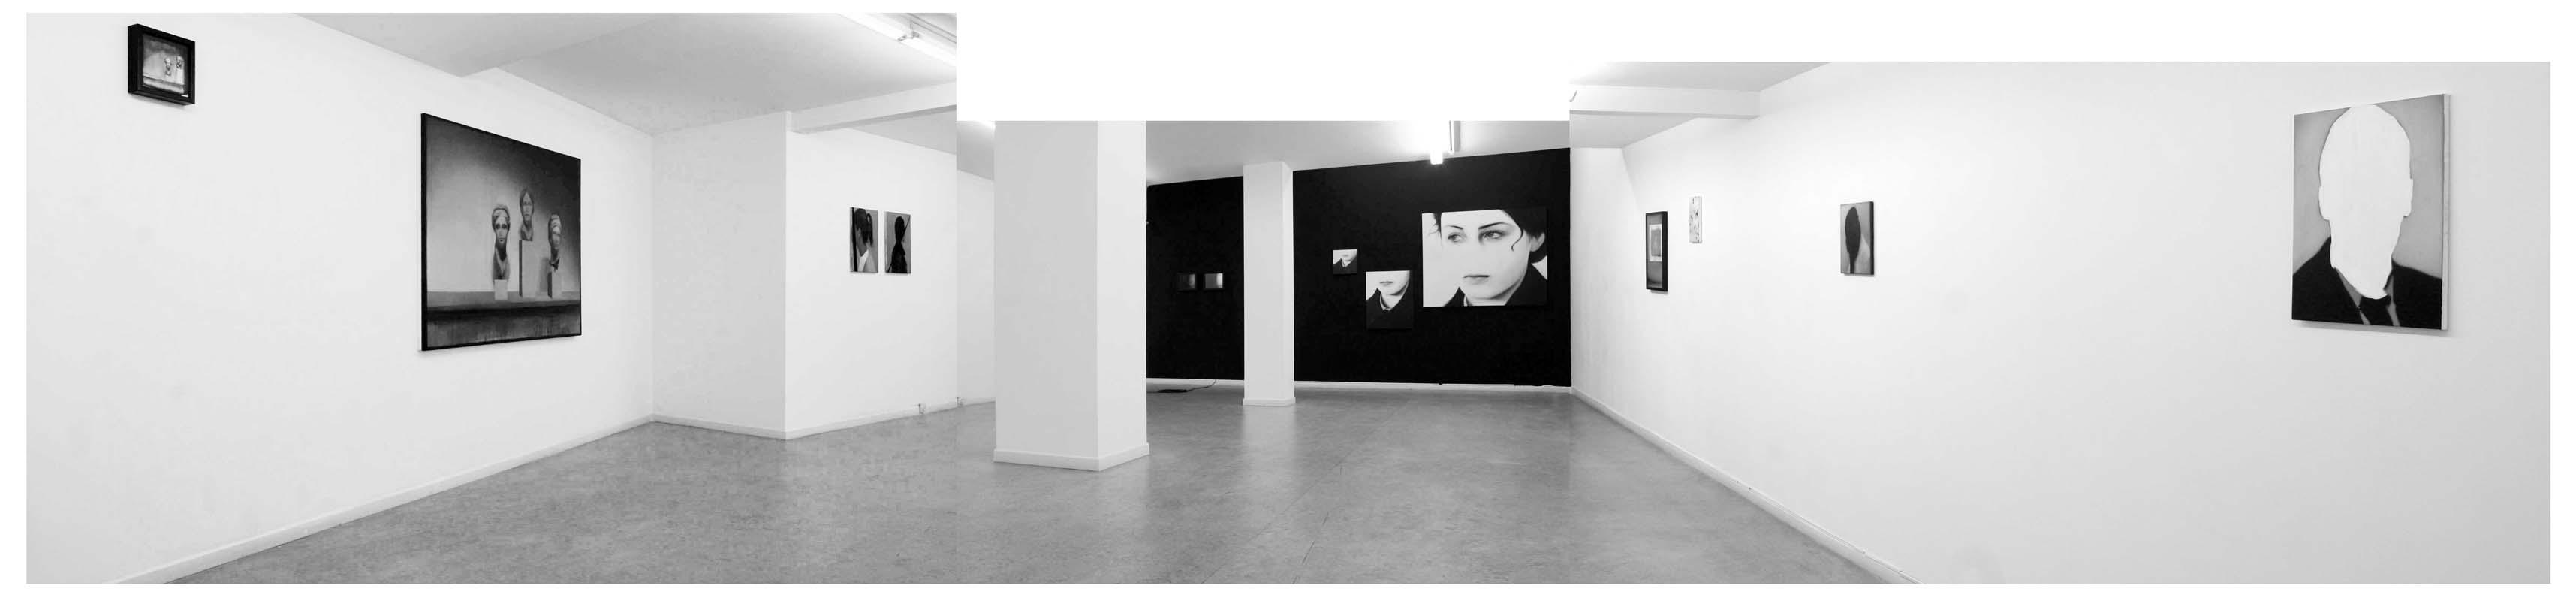 Exposición Alain Urrutia en Juan Silió